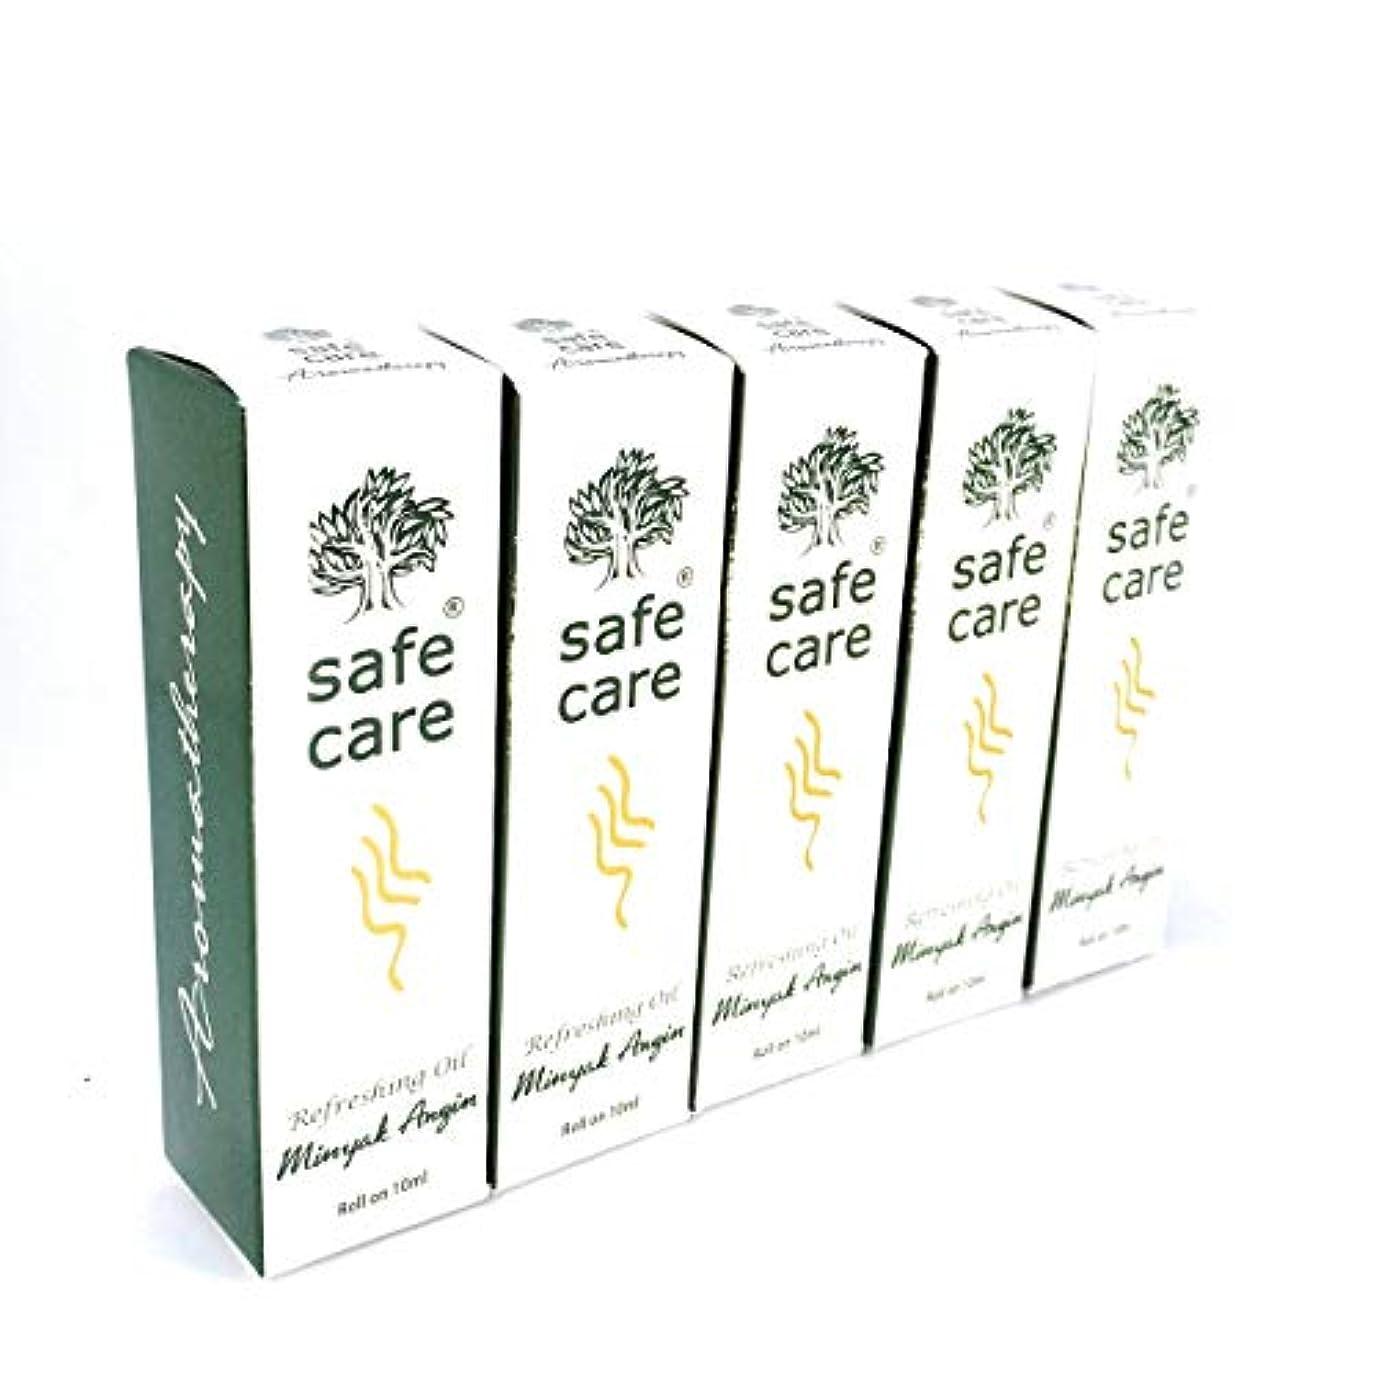 黒人必要としている文法Safe Care セイフケア Aromatherapy Refreshing Oil アロマテラピー リフレッシュオイル ロールオン 10ml × 5本セット [並行輸入品][海外直送品]